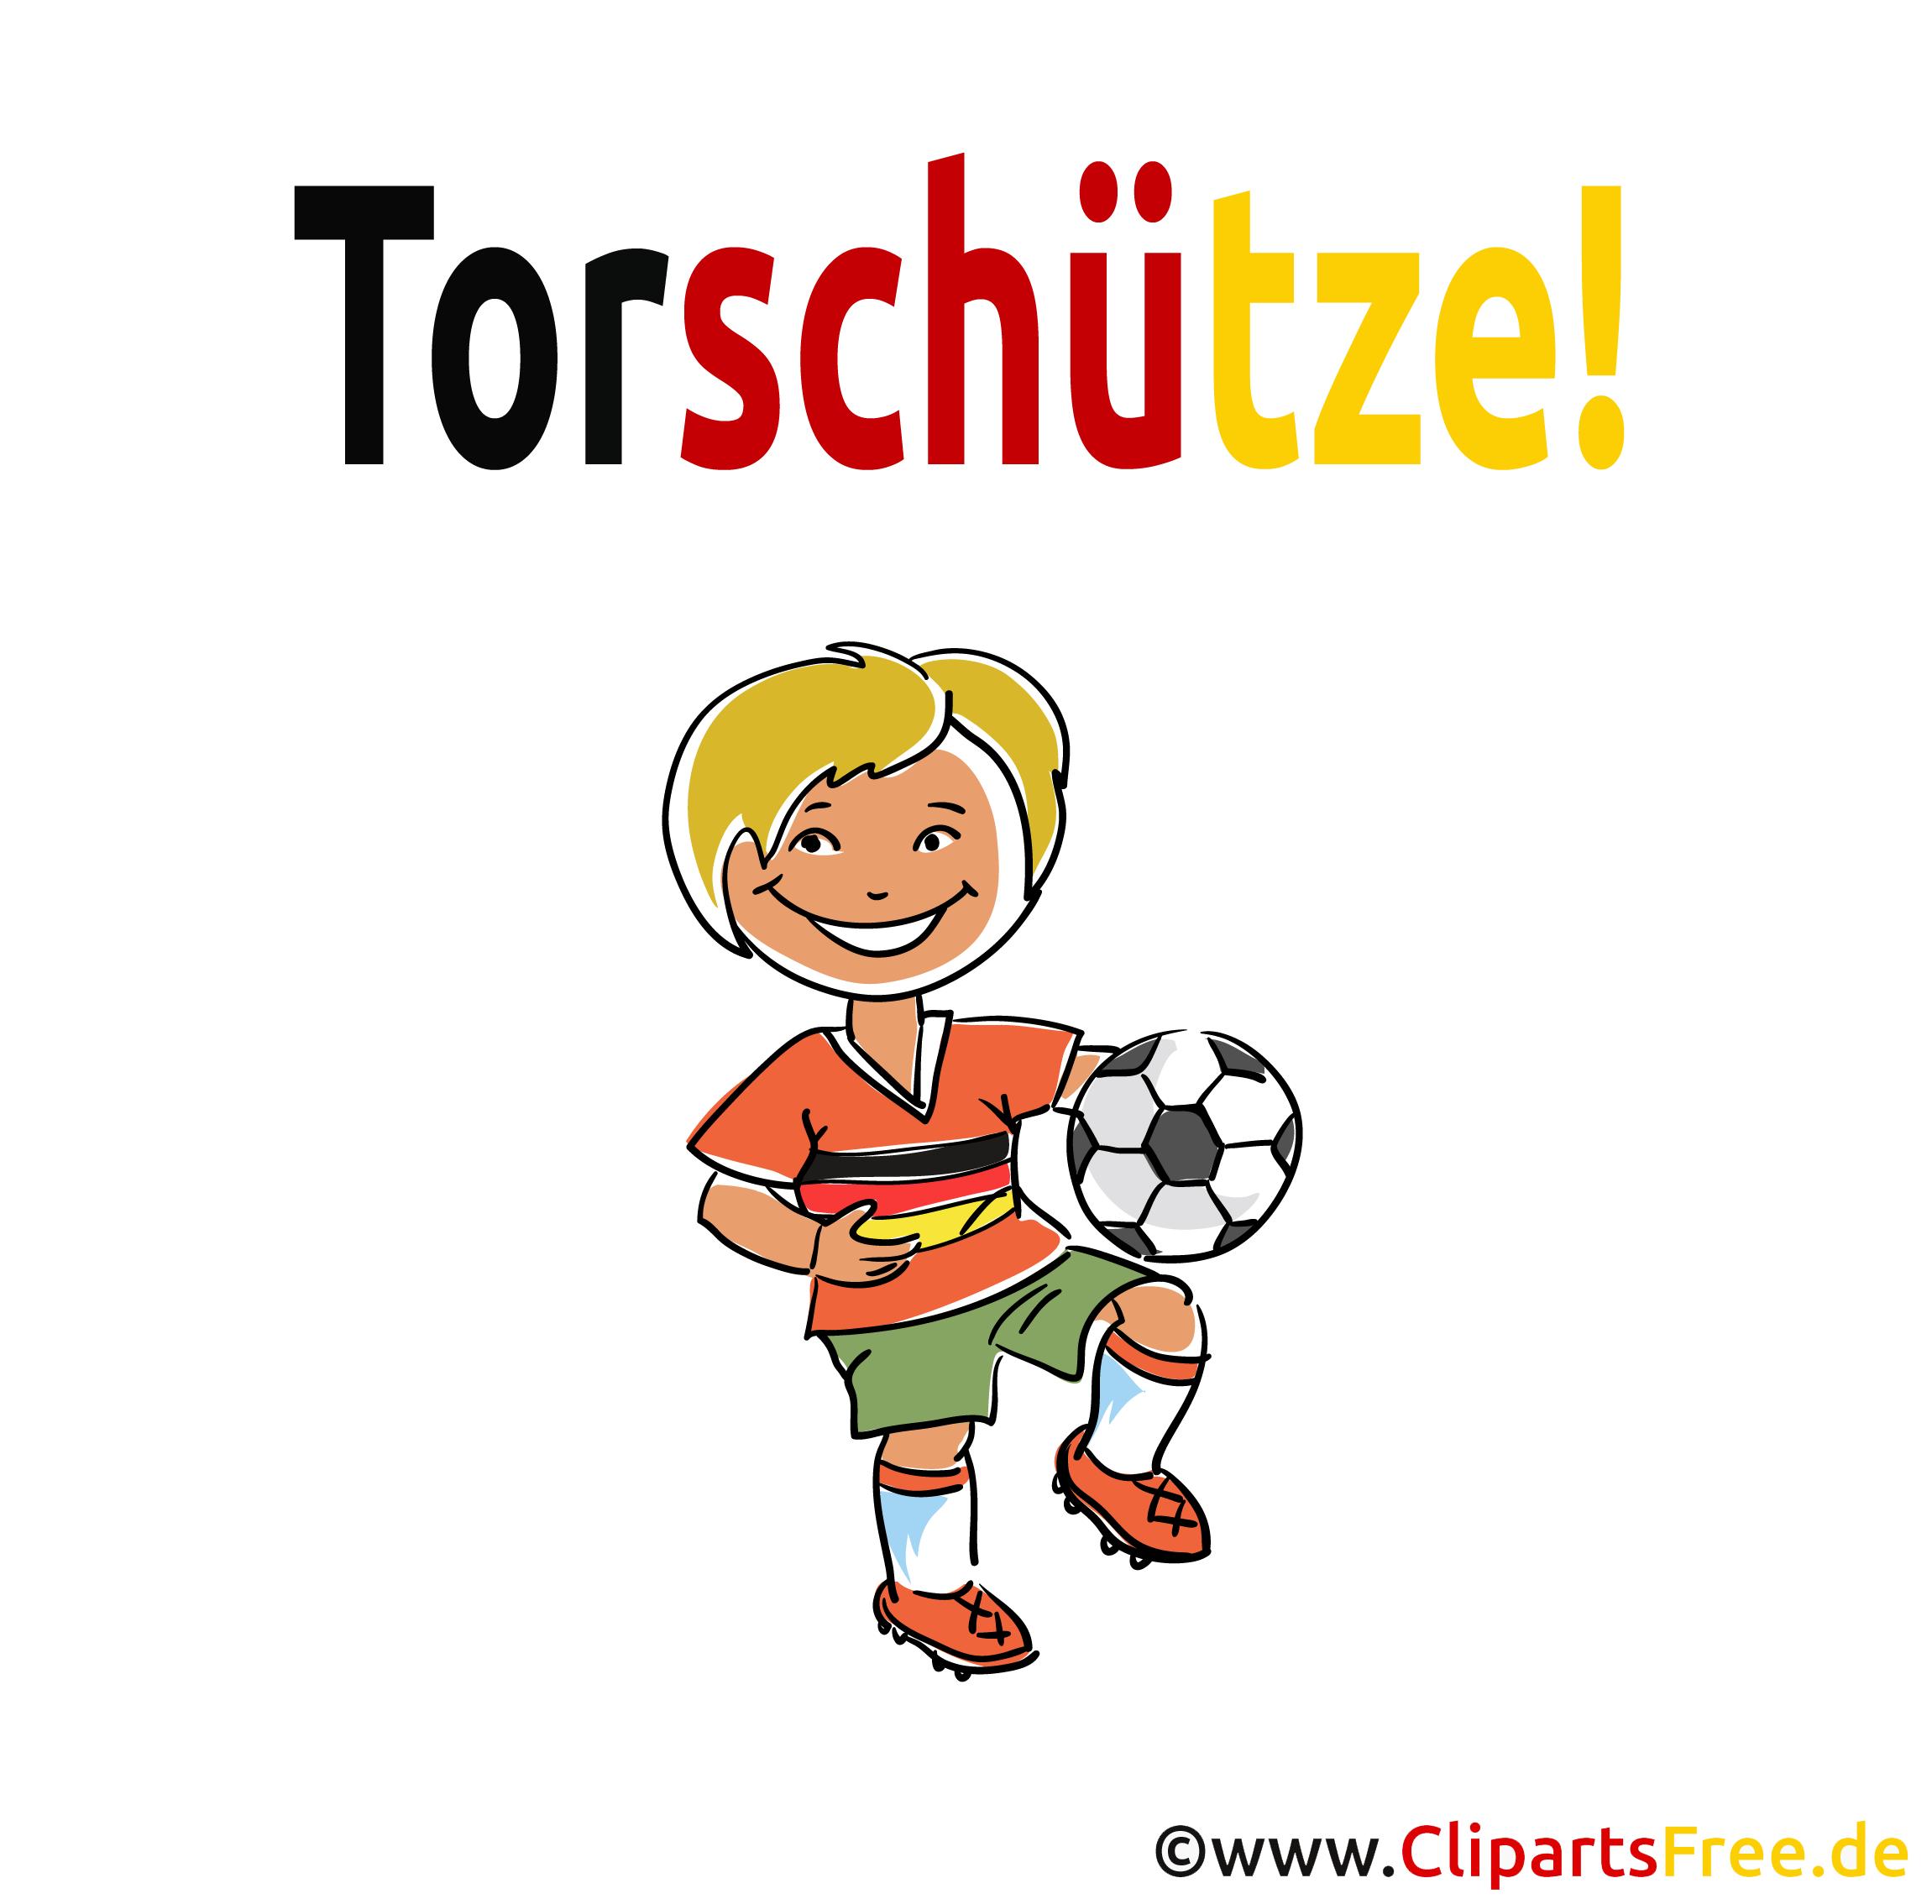 Clipart Junge Spielt Fussball